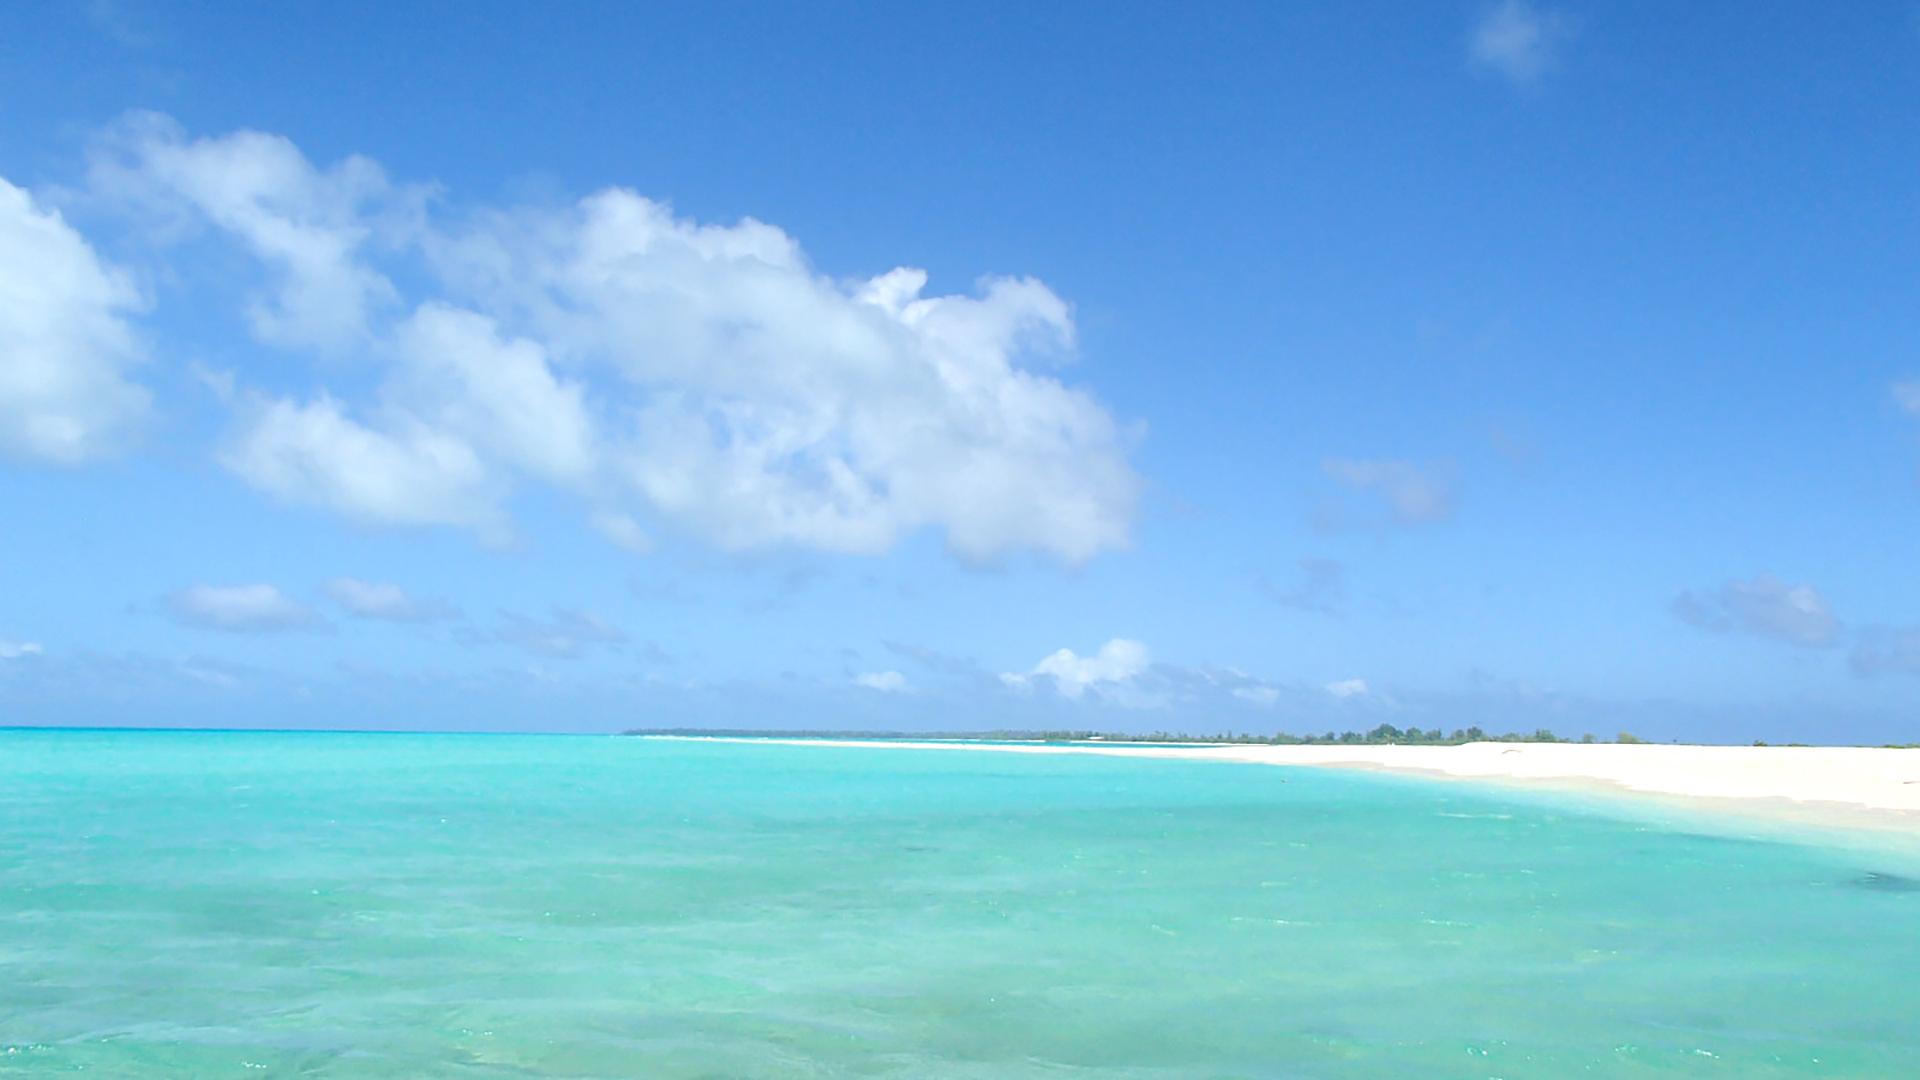 「海と空」のバーチャル背景画像です。